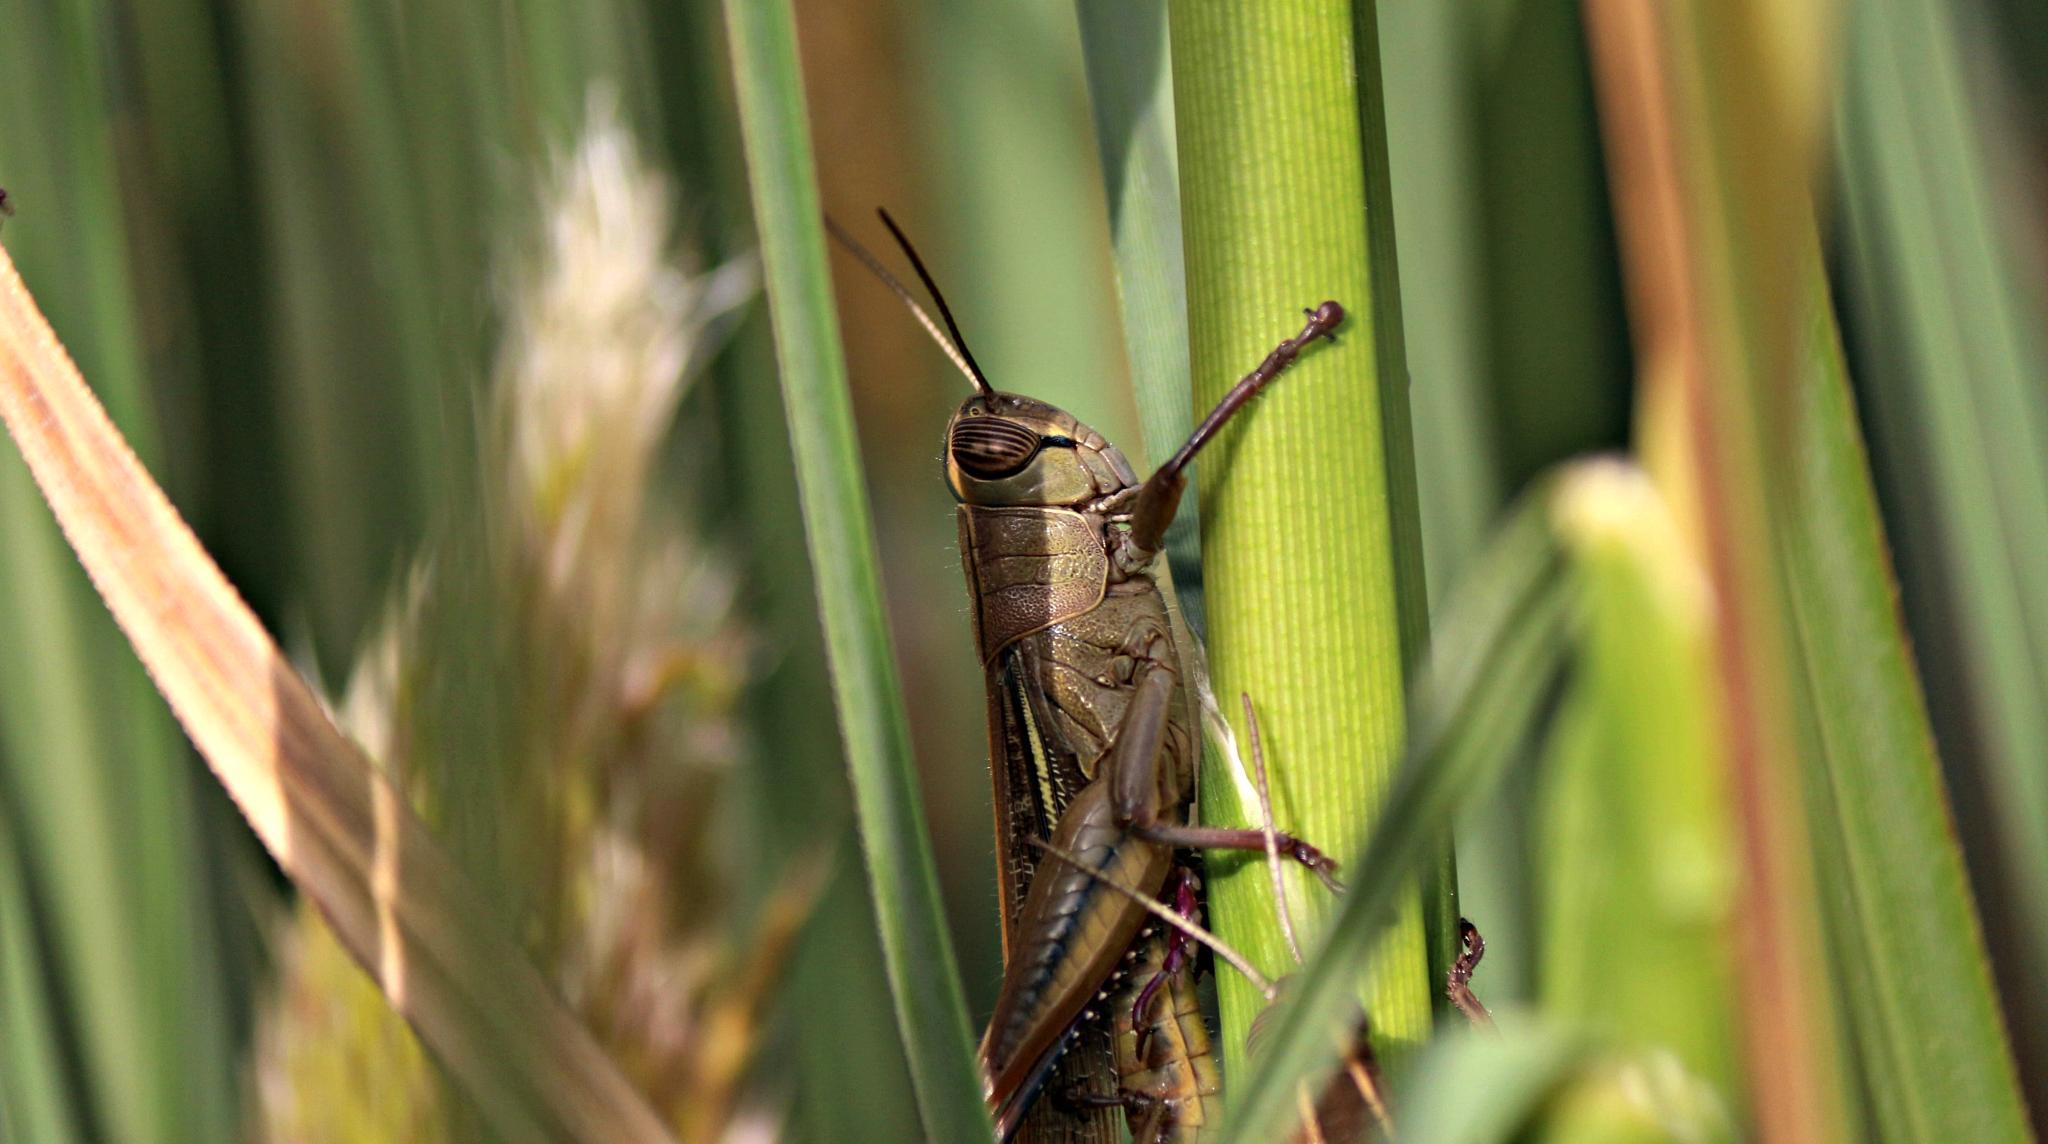 Mr Cricket by Miranda Askwith